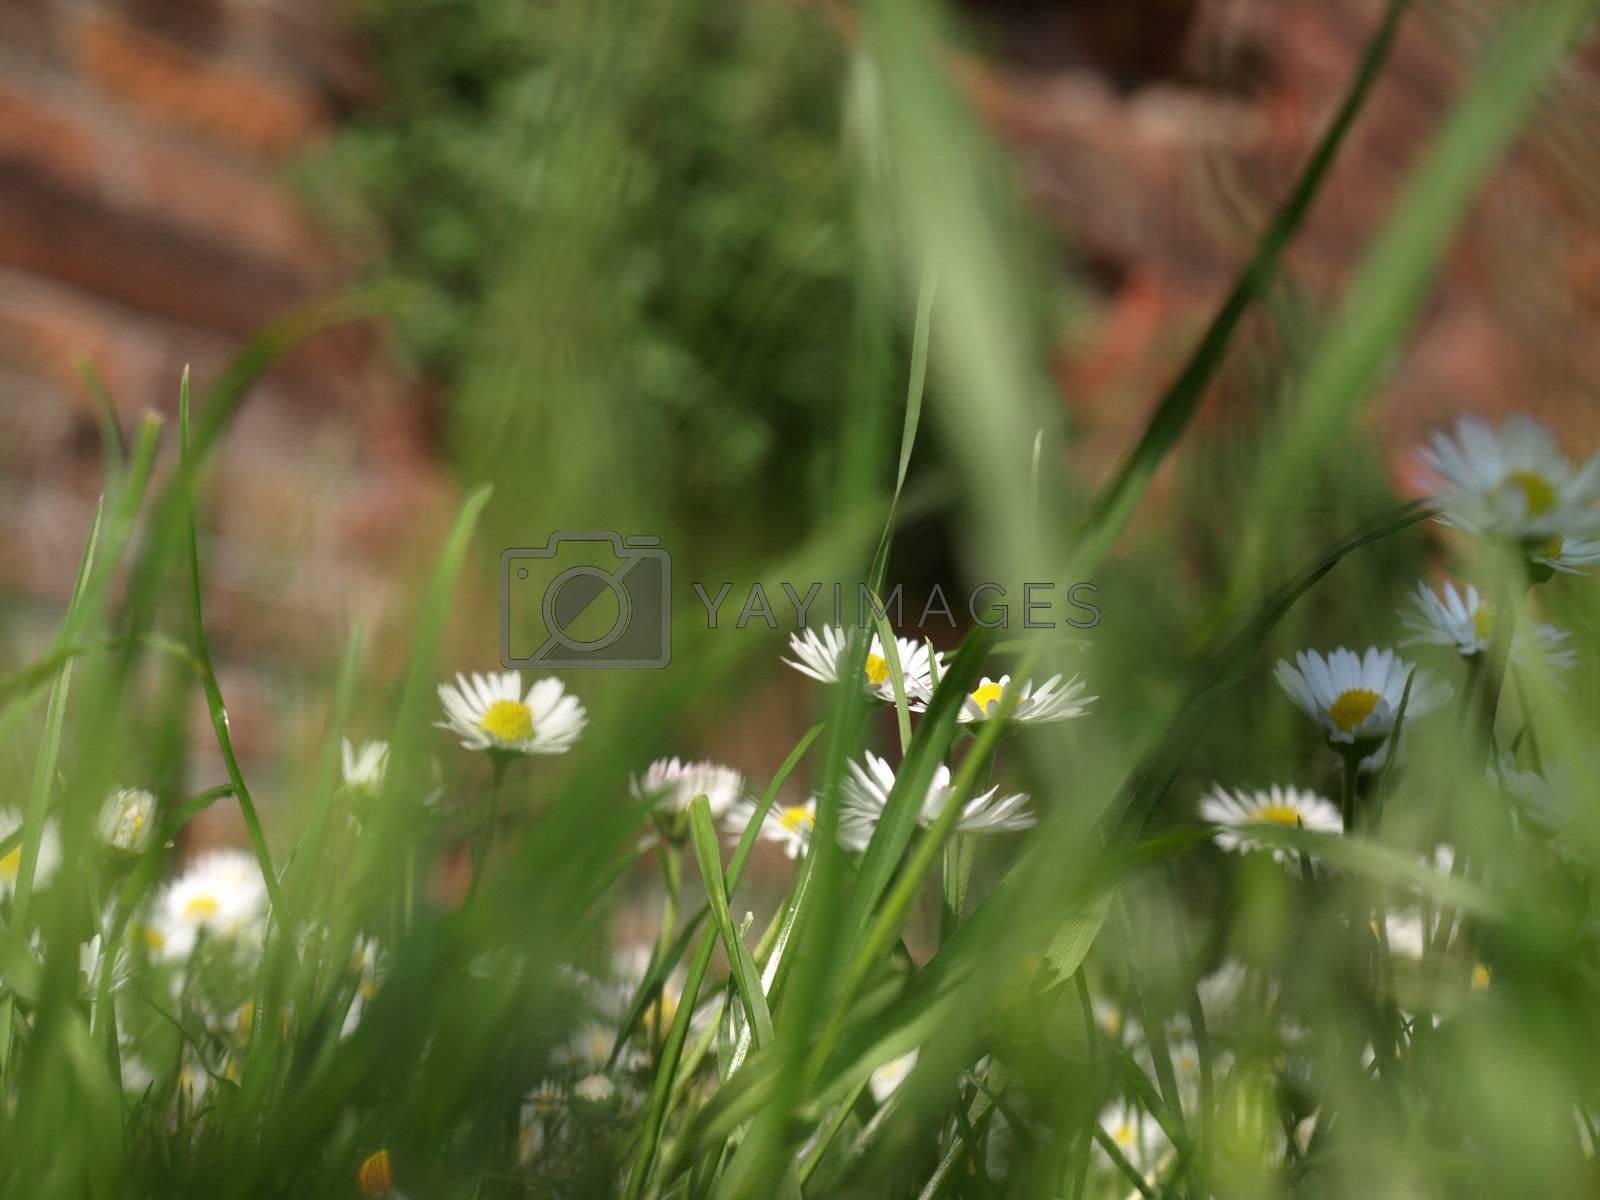 Royalty free image of Daisy by claudiodivizia